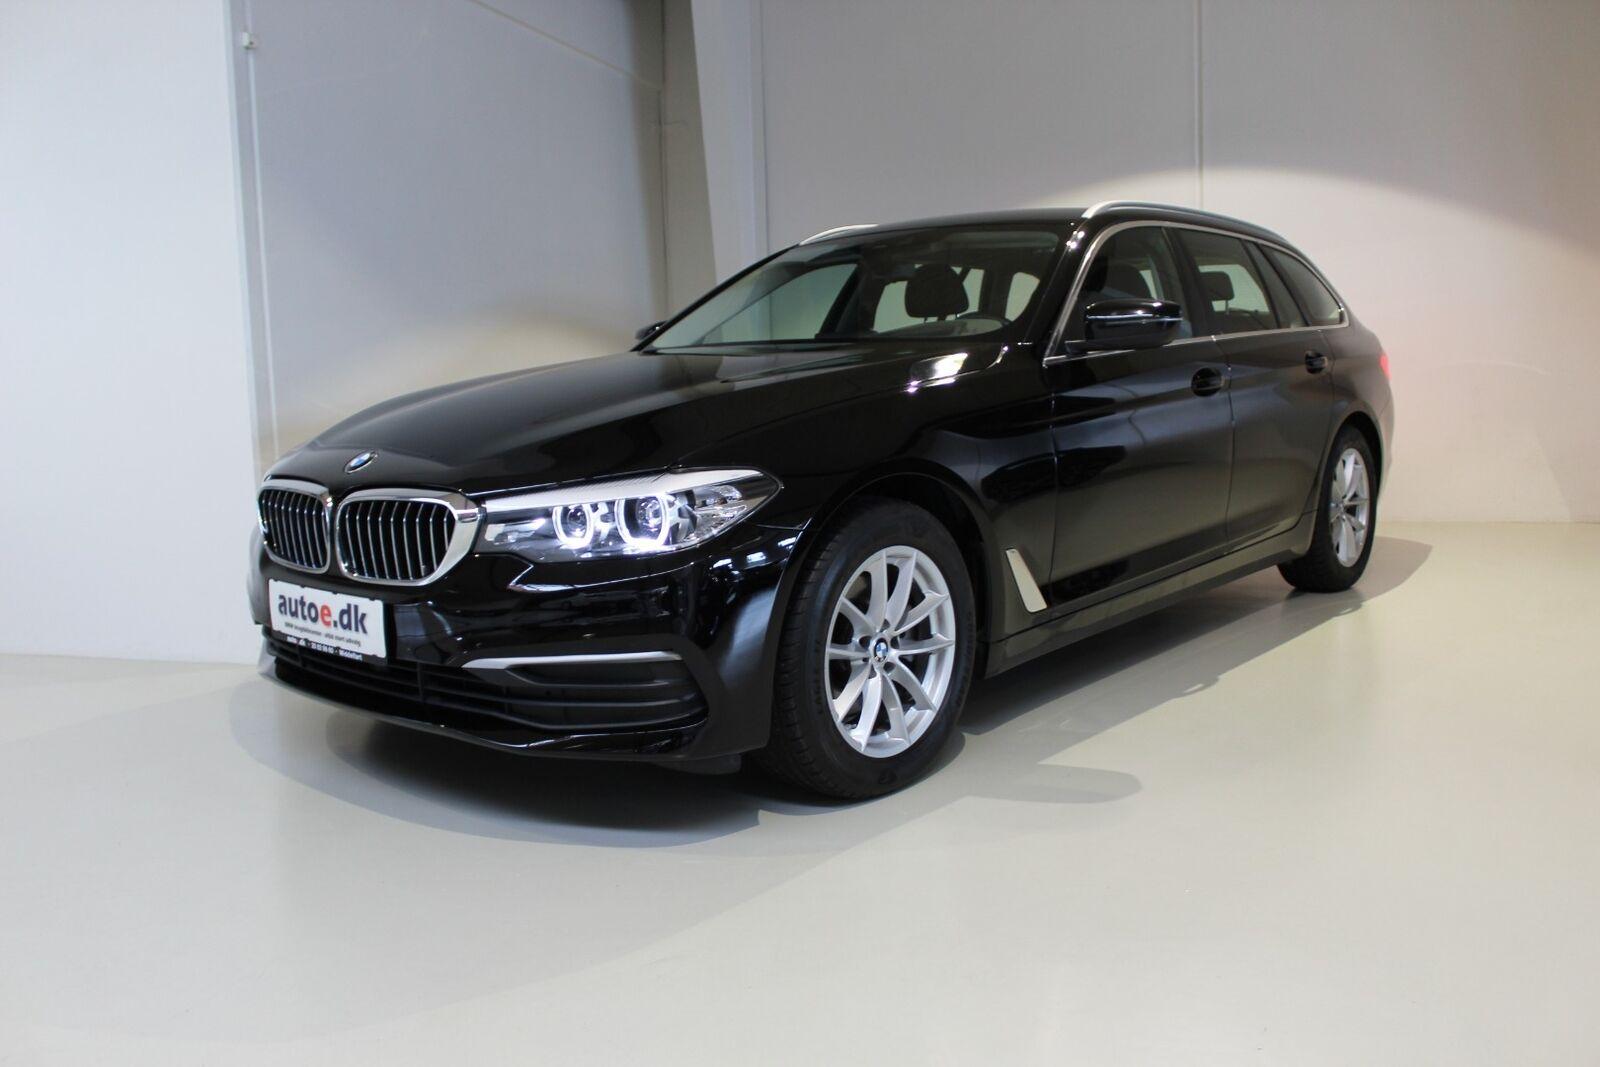 BMW 520d 2,0 Touring aut. 5d - 469.800 kr.